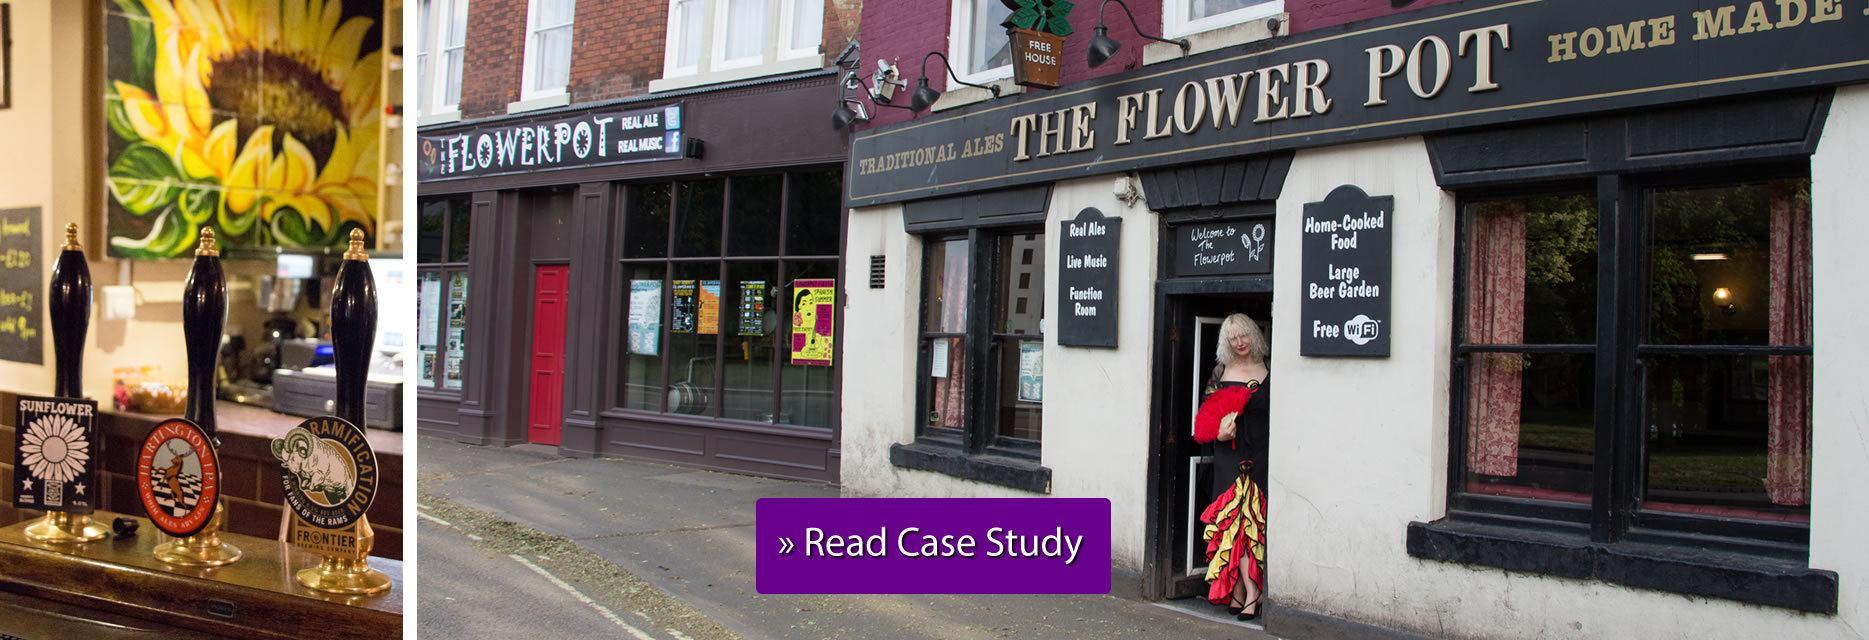 Flower Pot Pub Case Study